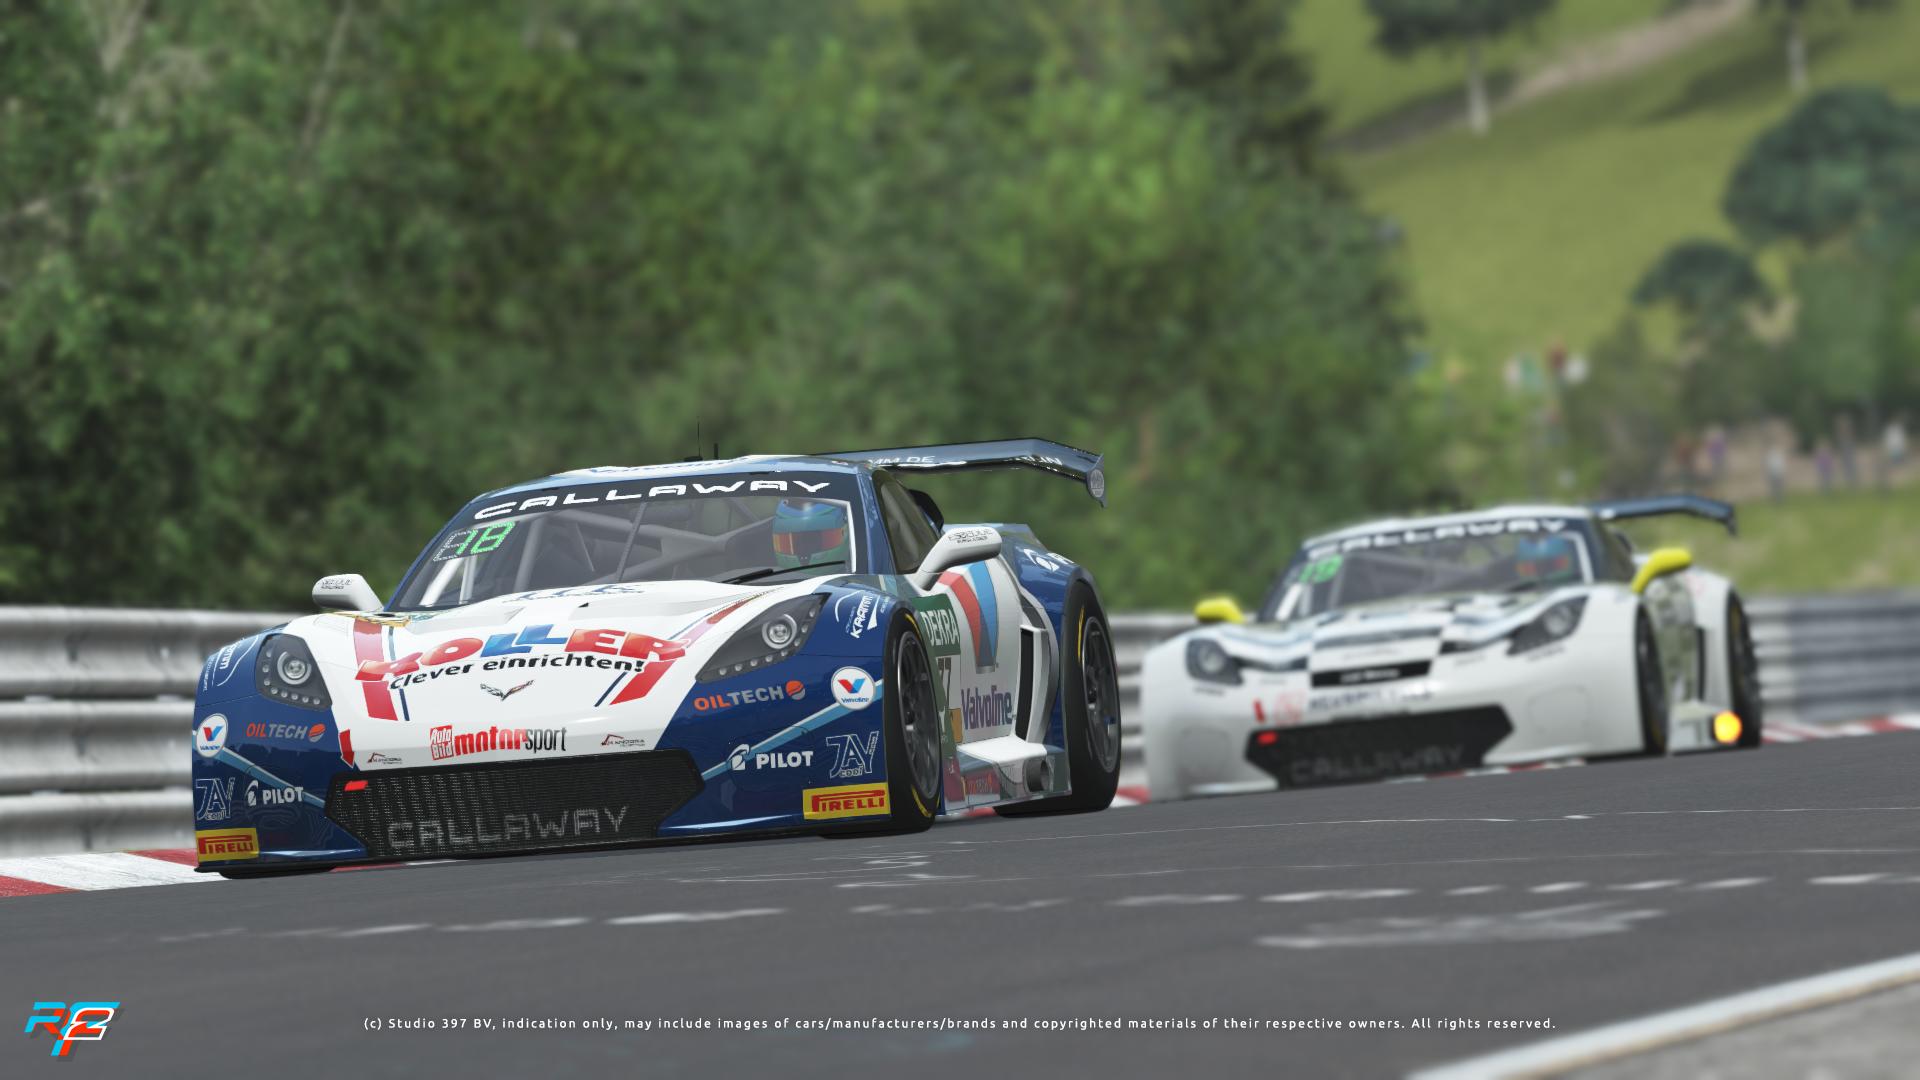 nurburgring_2020_october_screen_08.jpg